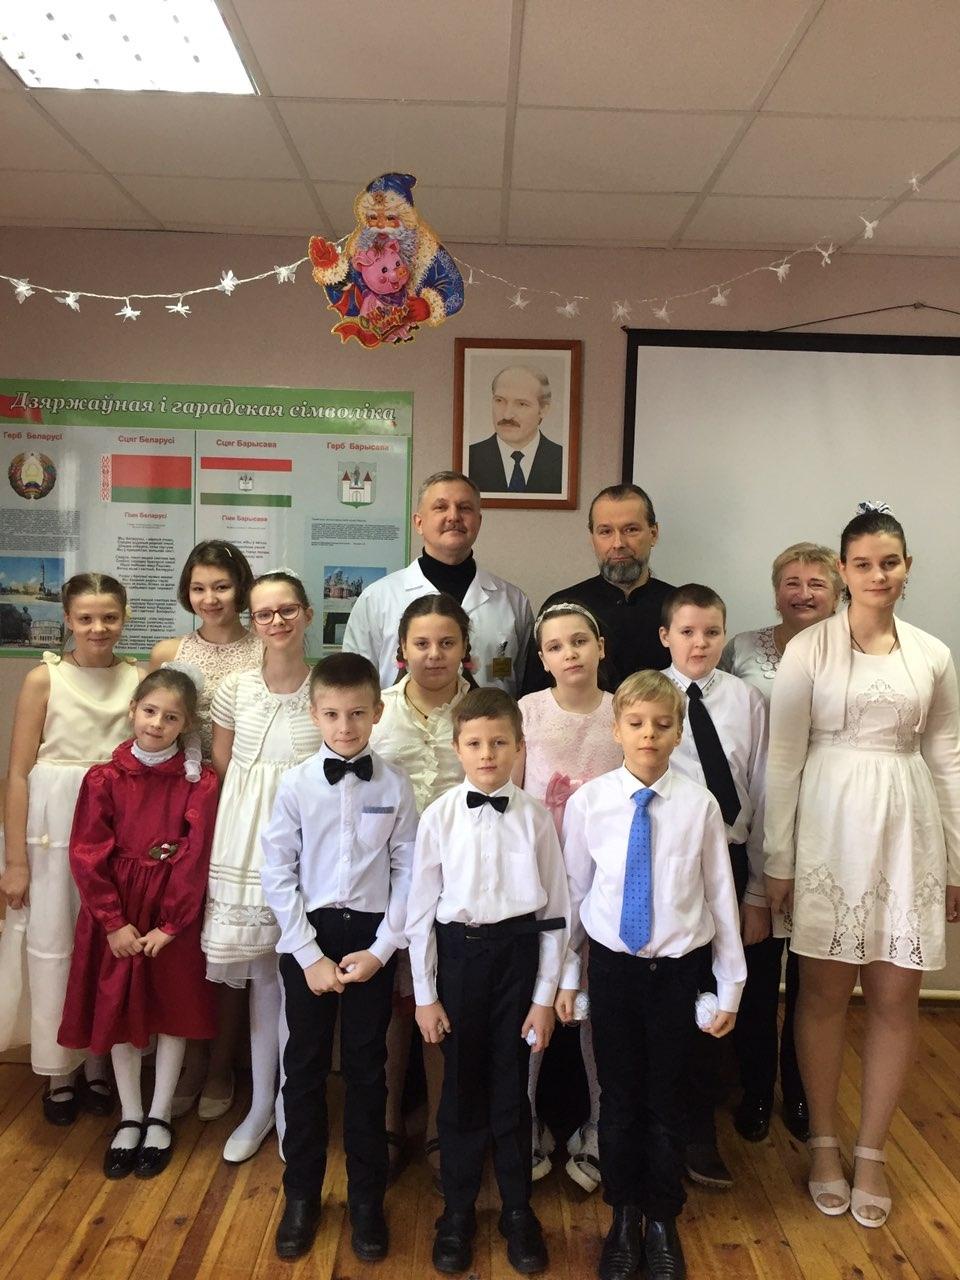 Воспитанники воскресной школы при кафедральном соборе Воскресения Христова г. Борисова посетили Борисовский родильный дом